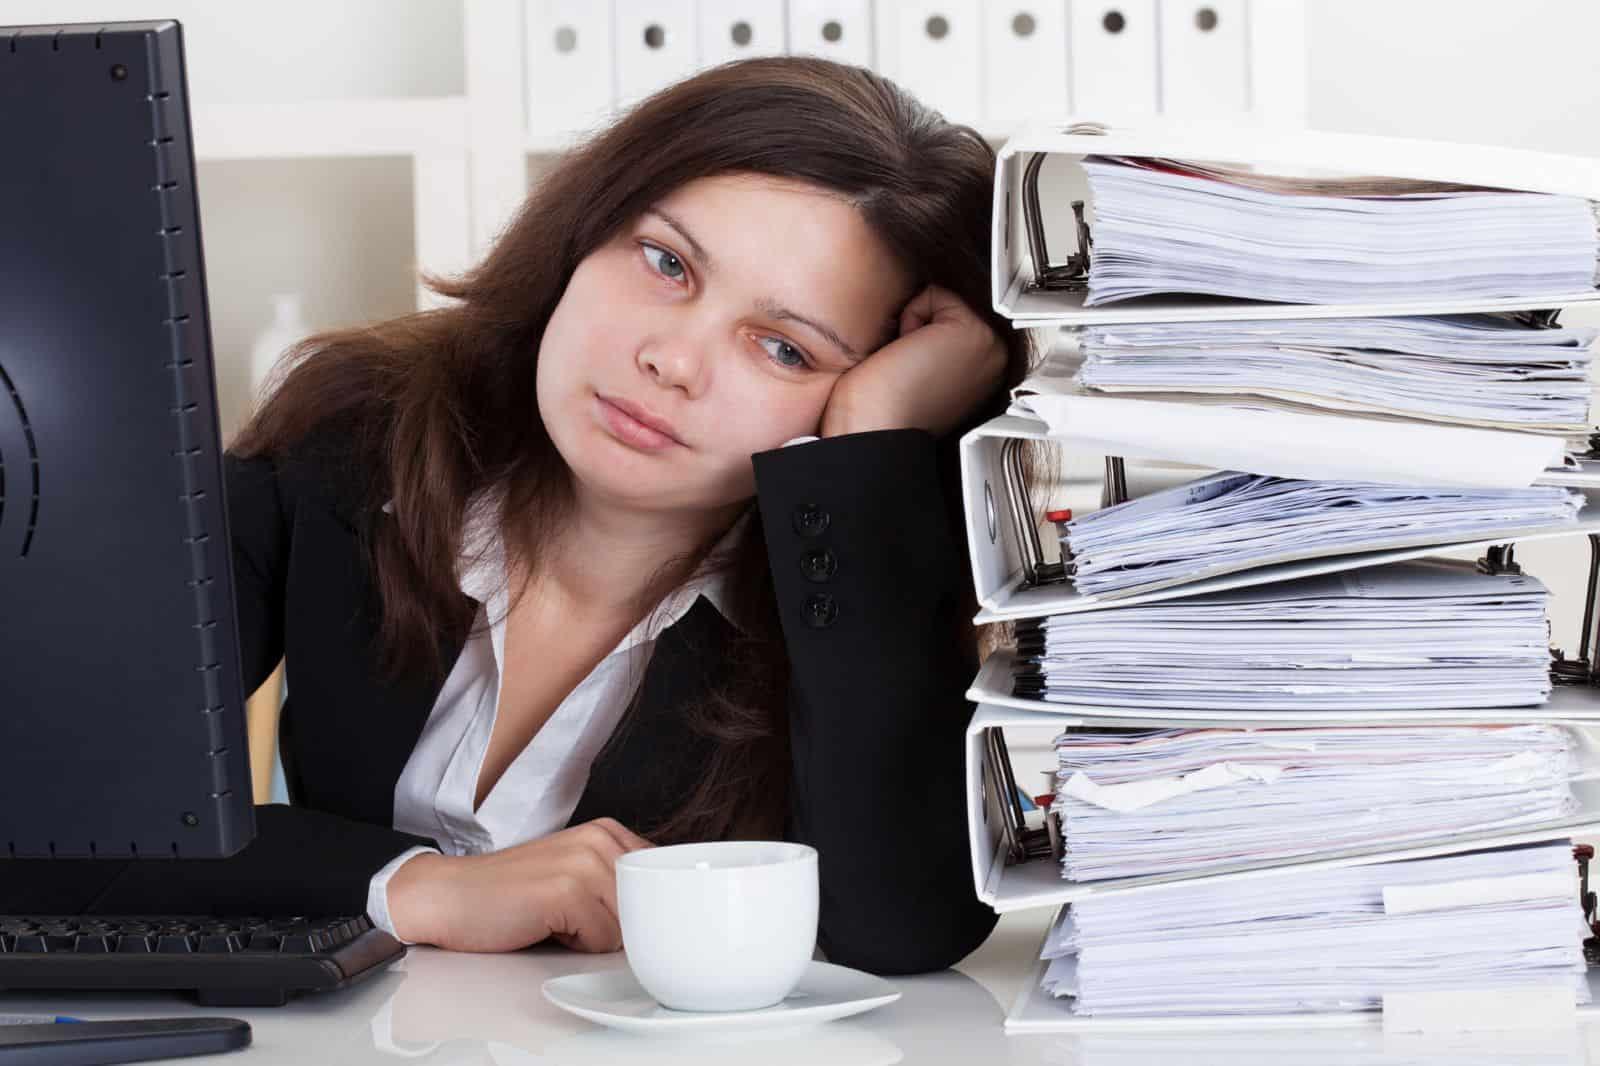 Имеет ли право работодатель не давать отпуск